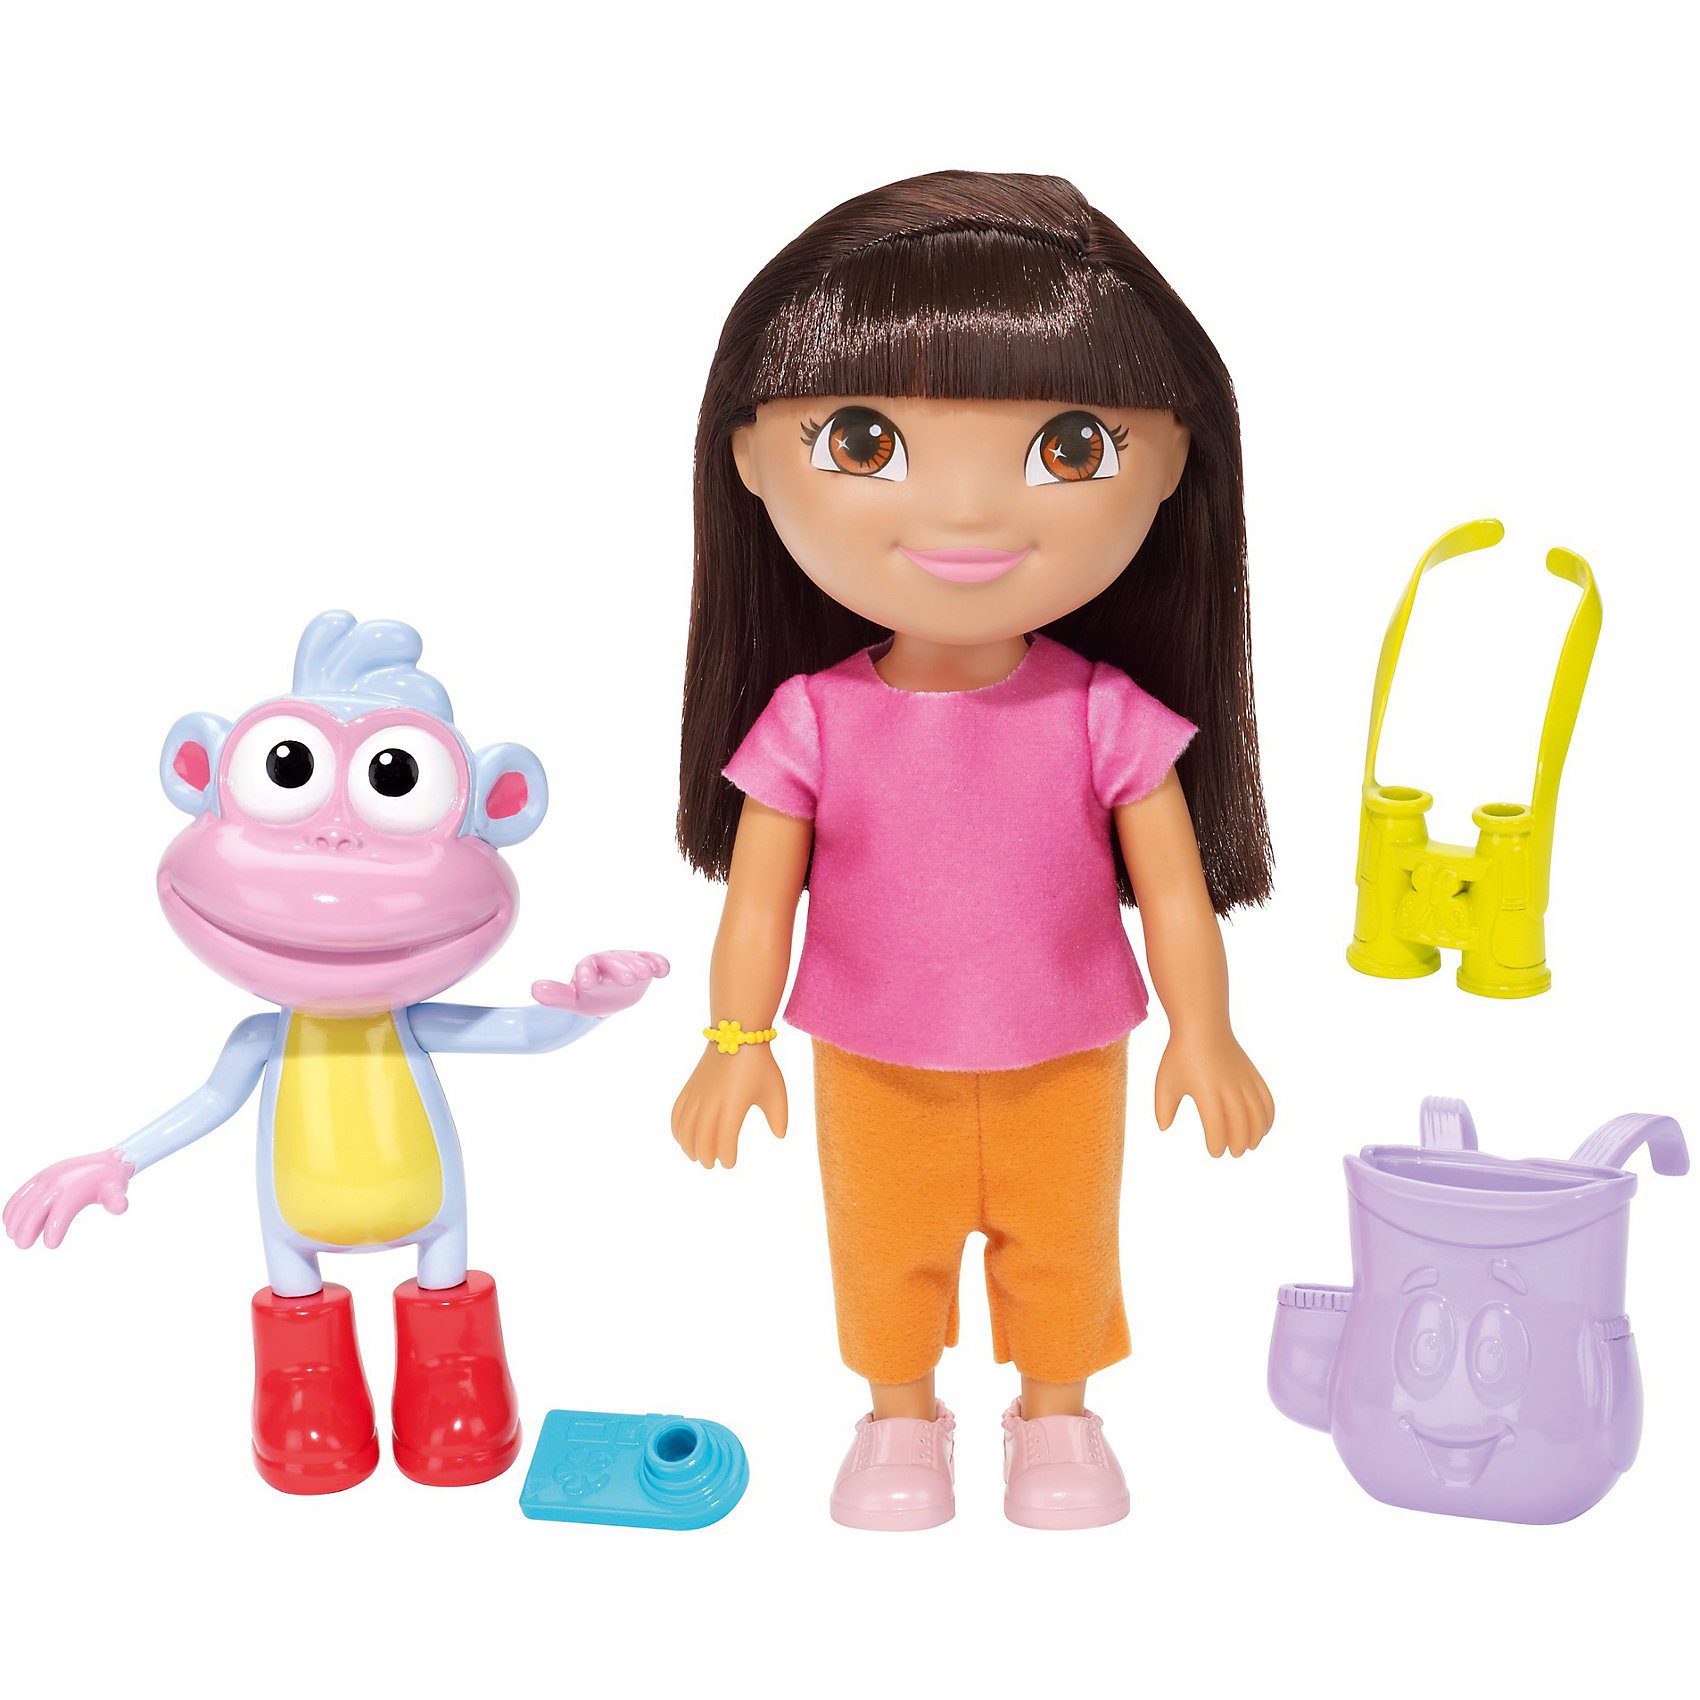 Игровой набор, Fisher Price, Даша-путешественница, Набор с обезьянкой БашмачокКлассические куклы<br>Характеристики товара:<br><br>• возраст от 3 лет;<br>• материал: пластик, текстиль;<br>• в комплекте: кукла, обезьянка, аксессуары;<br>• высота фигурки 20 см;<br>• размер упаковки 28х23х7,5 см;<br>• вес упаковки 467 гр.;<br>• страна производитель: Китай.<br><br>Игровой набор «Даша путешественница» Fisher Price создан по мотивам известного мультсериала про улыбчивую и любопытную Дашу. Даша отправляется в исследовательскую экспедицию вместе со своей обезьянкой. В поход Даша берет с собой фотоаппарат и бинокль, которые помещаются в ее рюкзачке. С куклой девочка сможет придумать захватывающие и увлекательные истории для игр. <br><br>Игровой набор «Даша путешественница» Fisher Price можно приобрести в нашем интернет-магазине.<br><br>Ширина мм: 230<br>Глубина мм: 75<br>Высота мм: 280<br>Вес г: 467<br>Возраст от месяцев: 36<br>Возраст до месяцев: 120<br>Пол: Женский<br>Возраст: Детский<br>SKU: 6673338